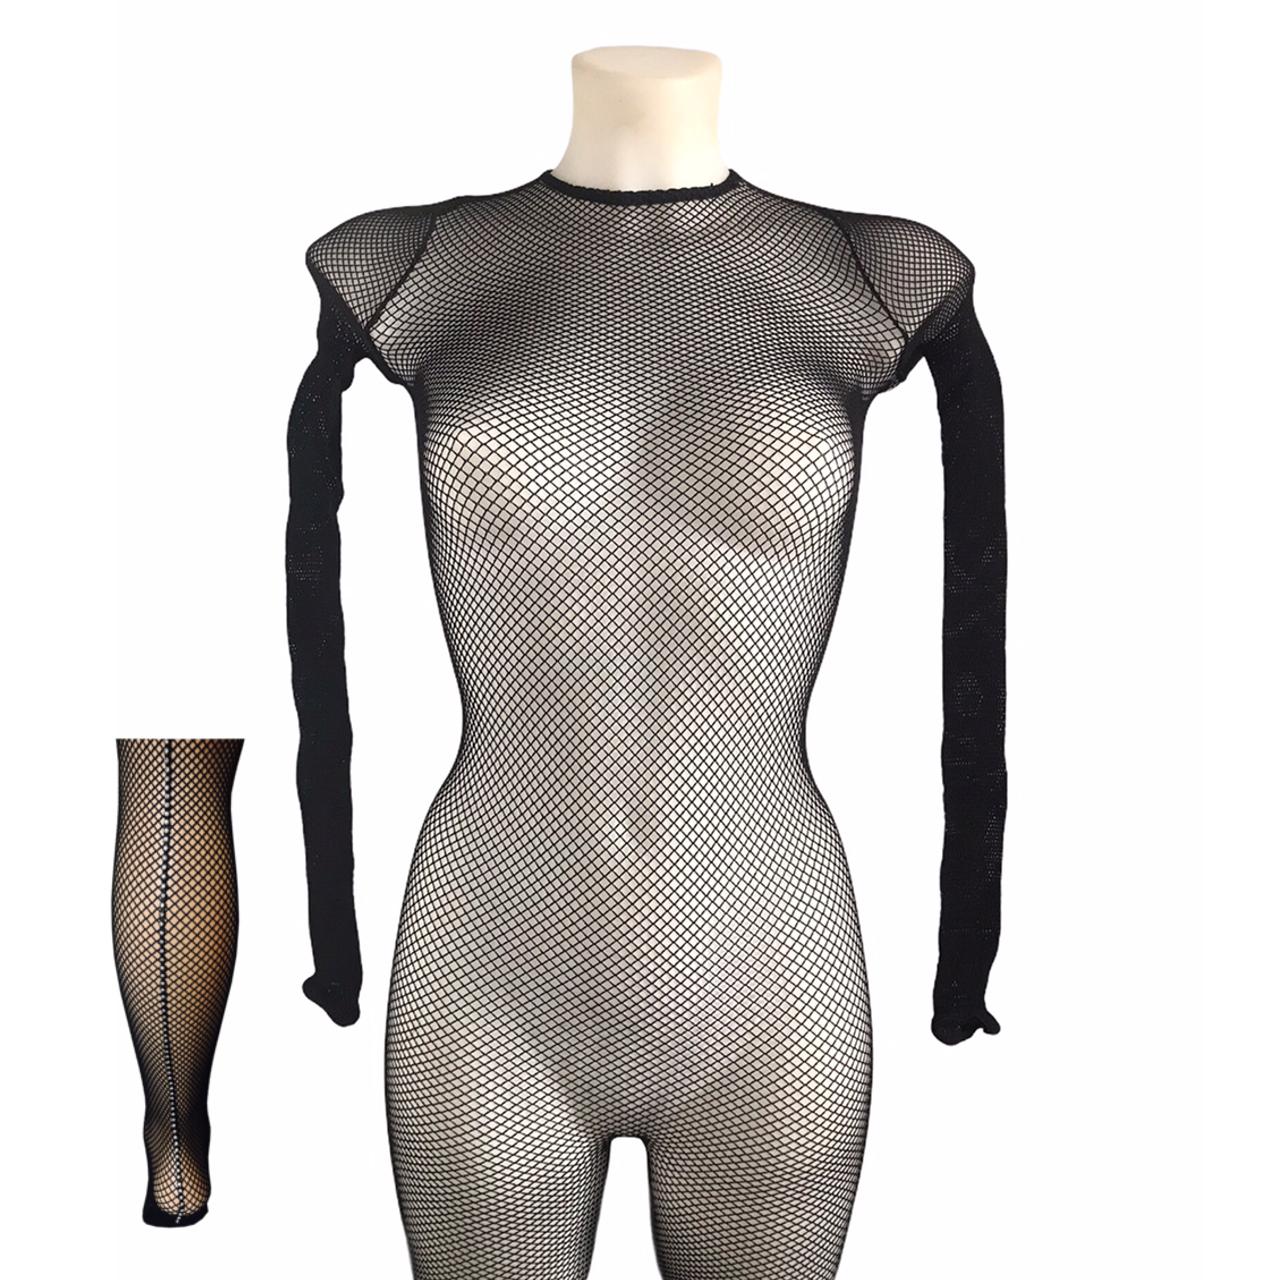 Aca 06 nacademique resille noir avec galon de strass couture professionnel danse tenue de scene